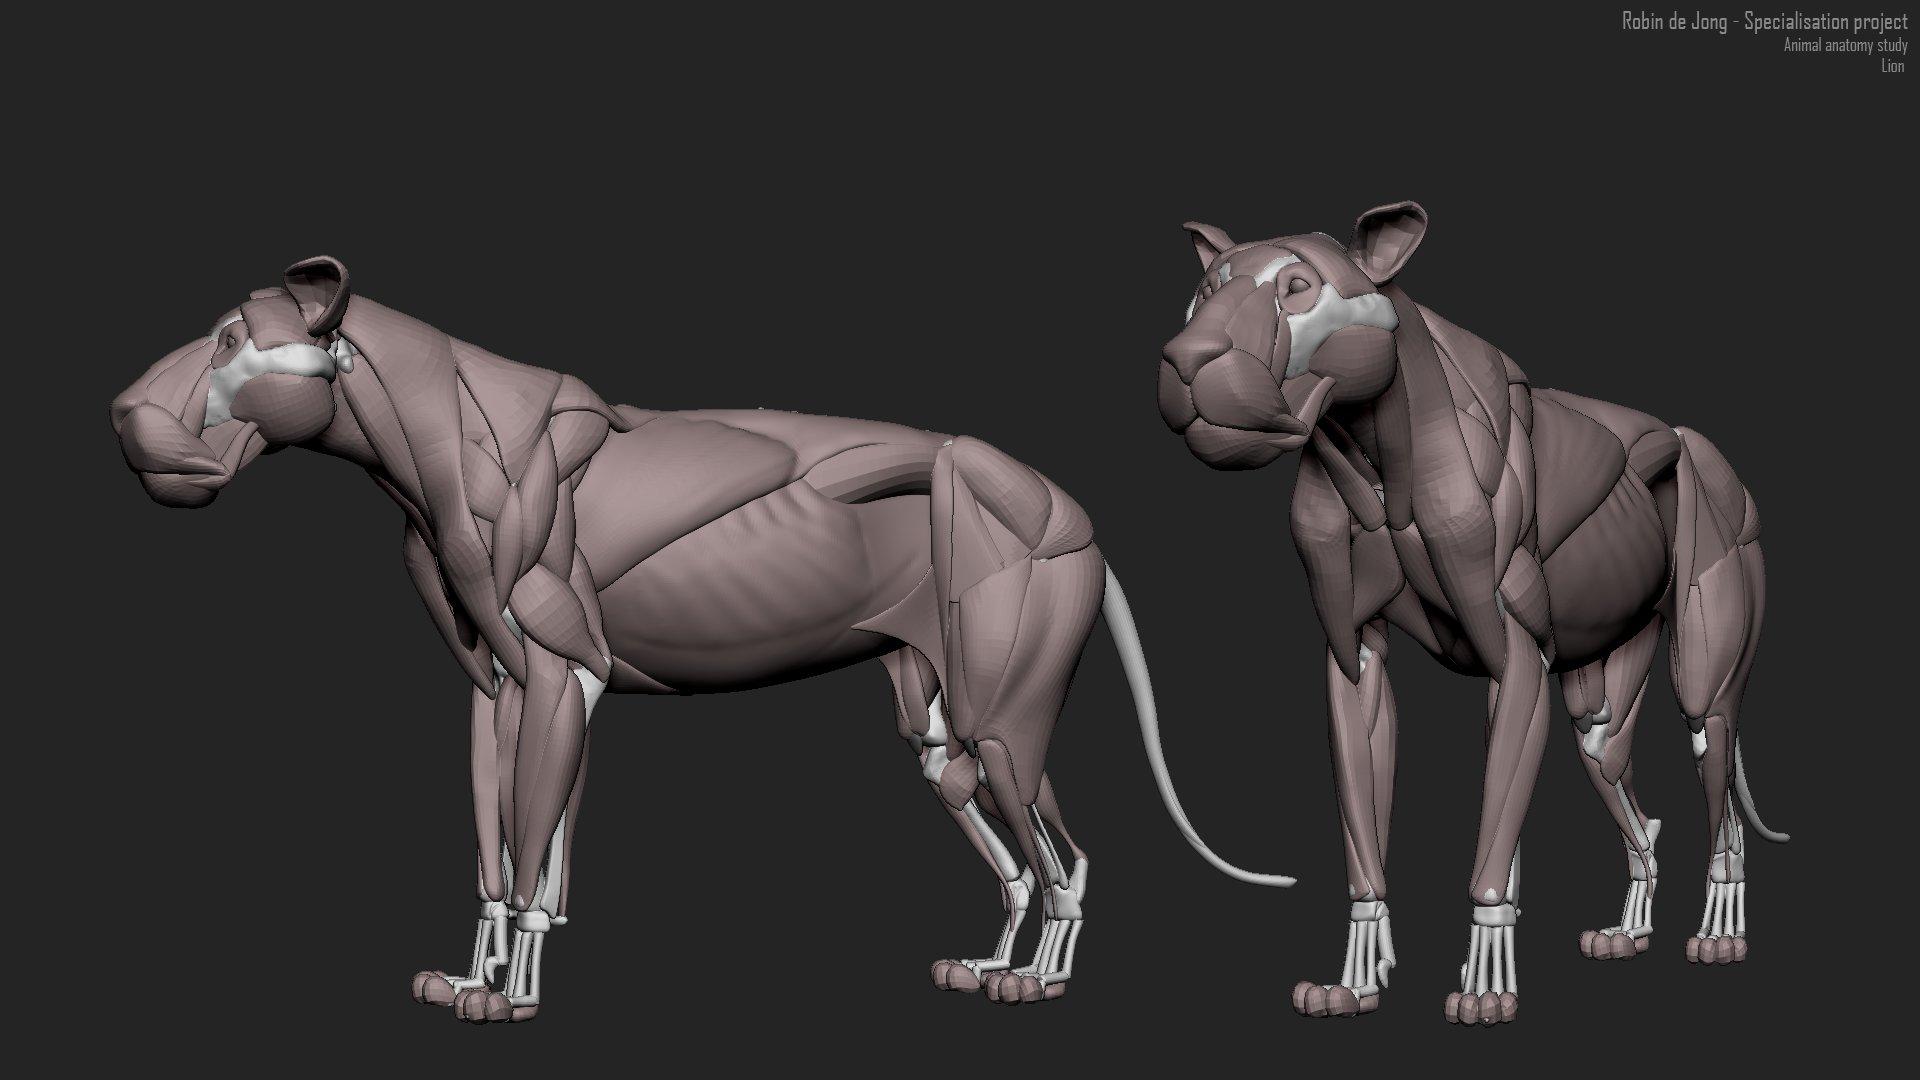 ArtStation - Anatomy studies, Robin de Jong